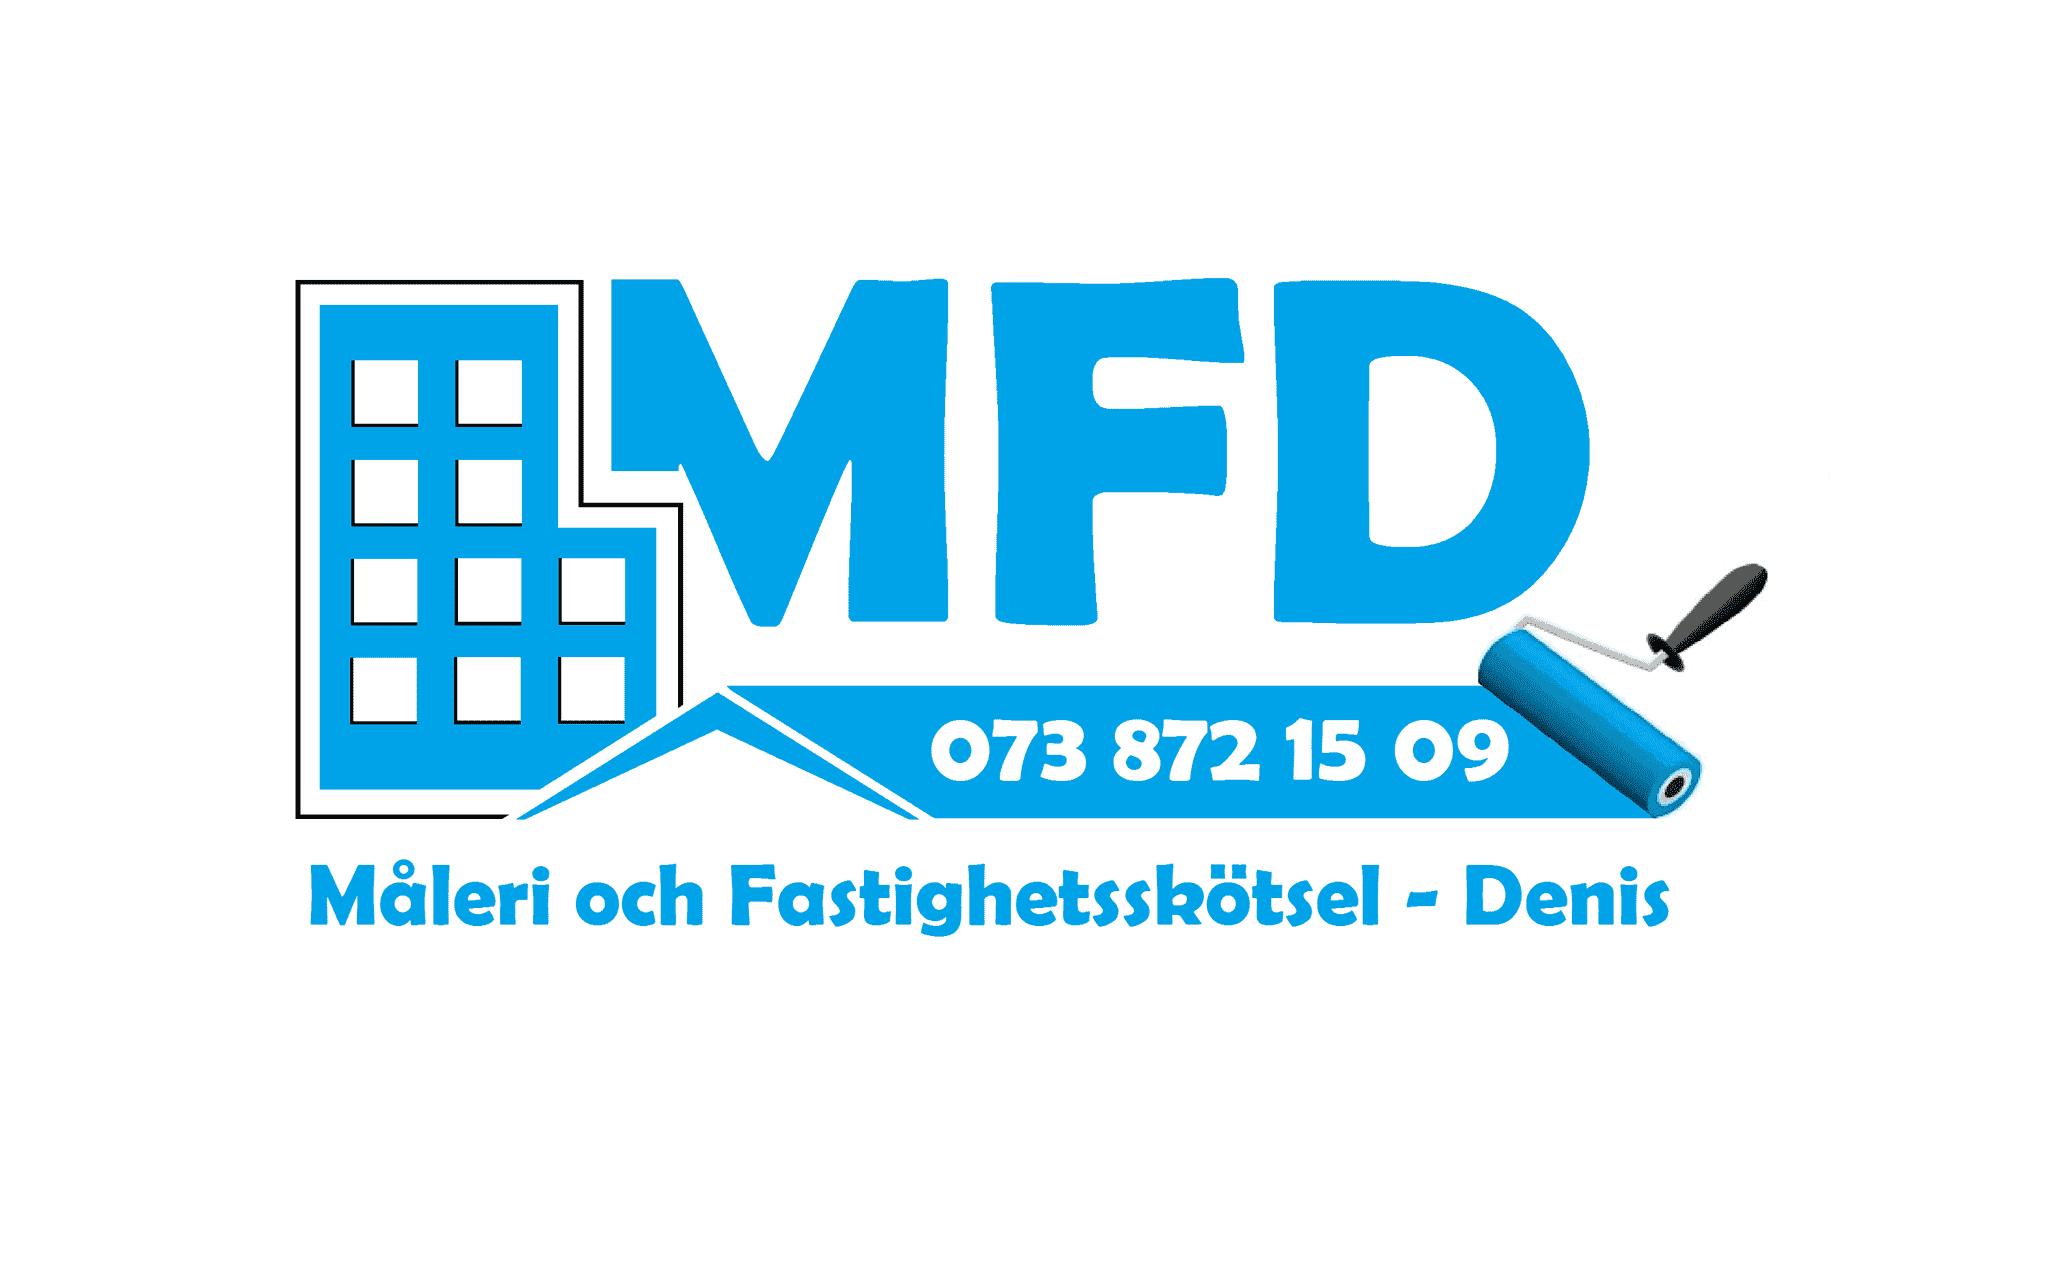 Logotyp för MFD (Måleri och Fastighetsskötsel Denis)